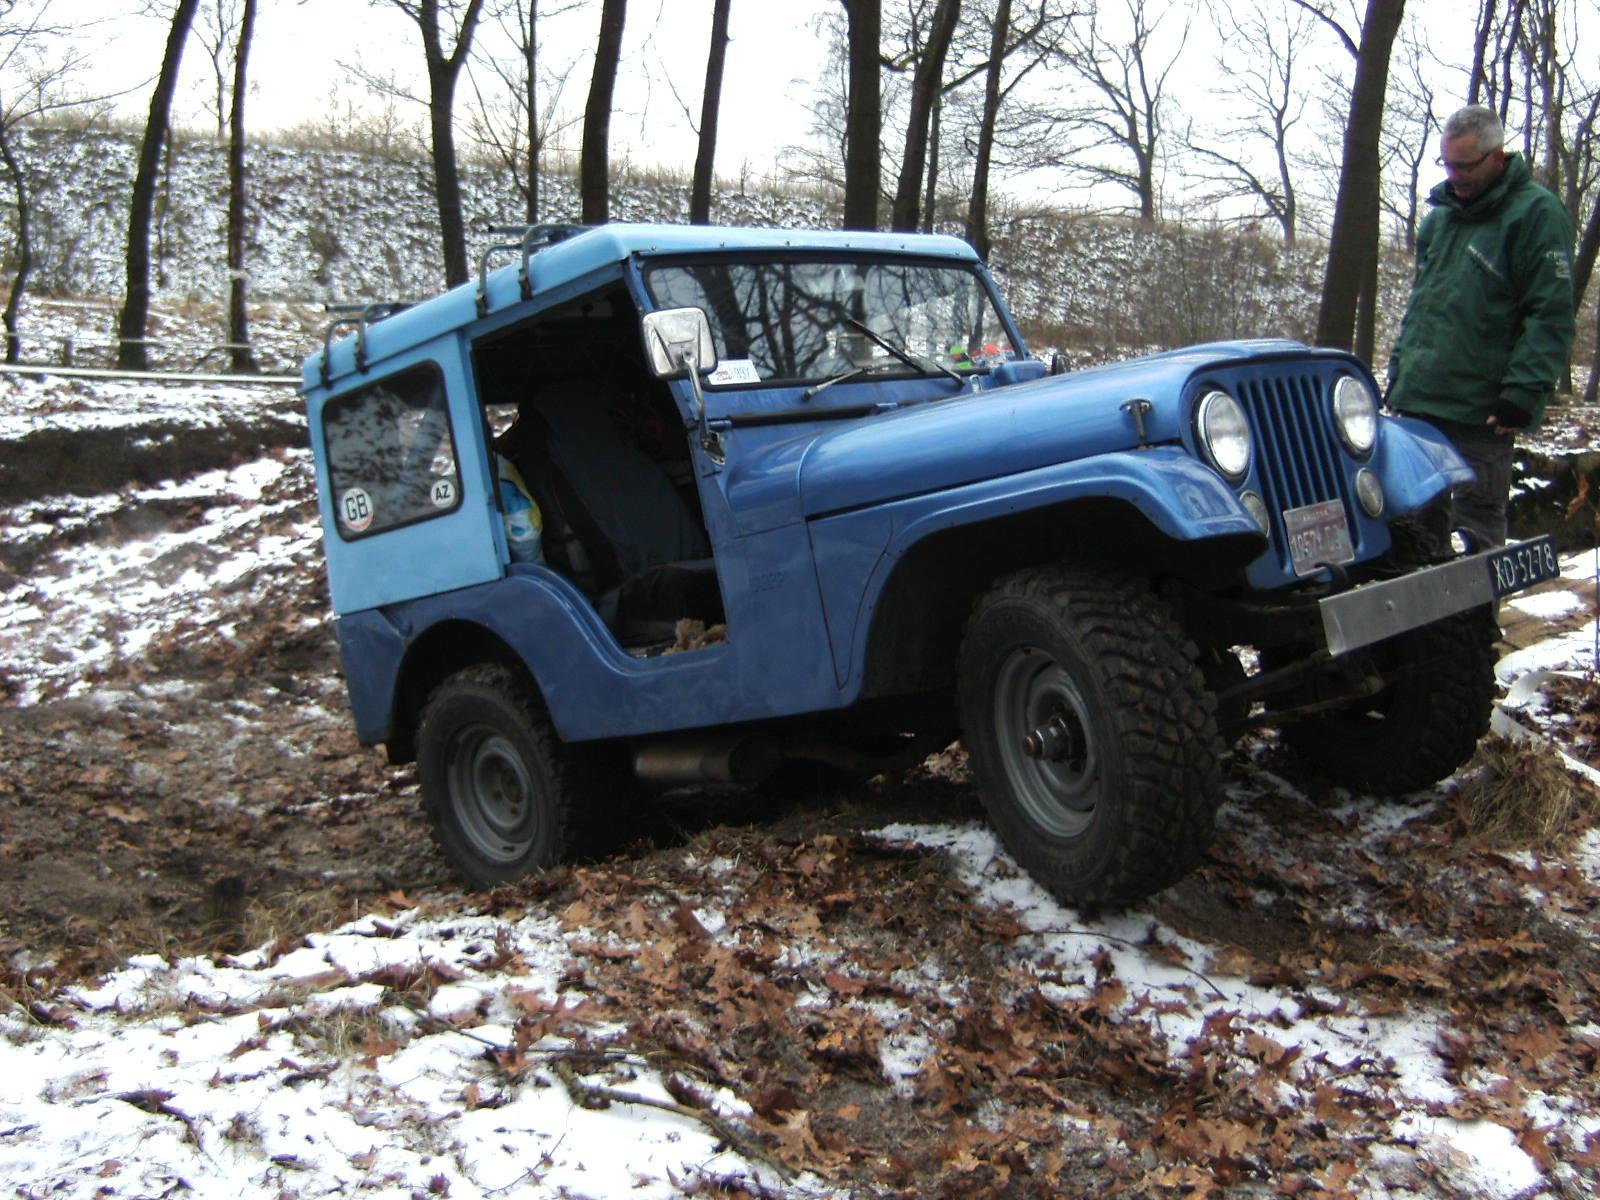 RustyDaytrips.nl: The Rusty Cars